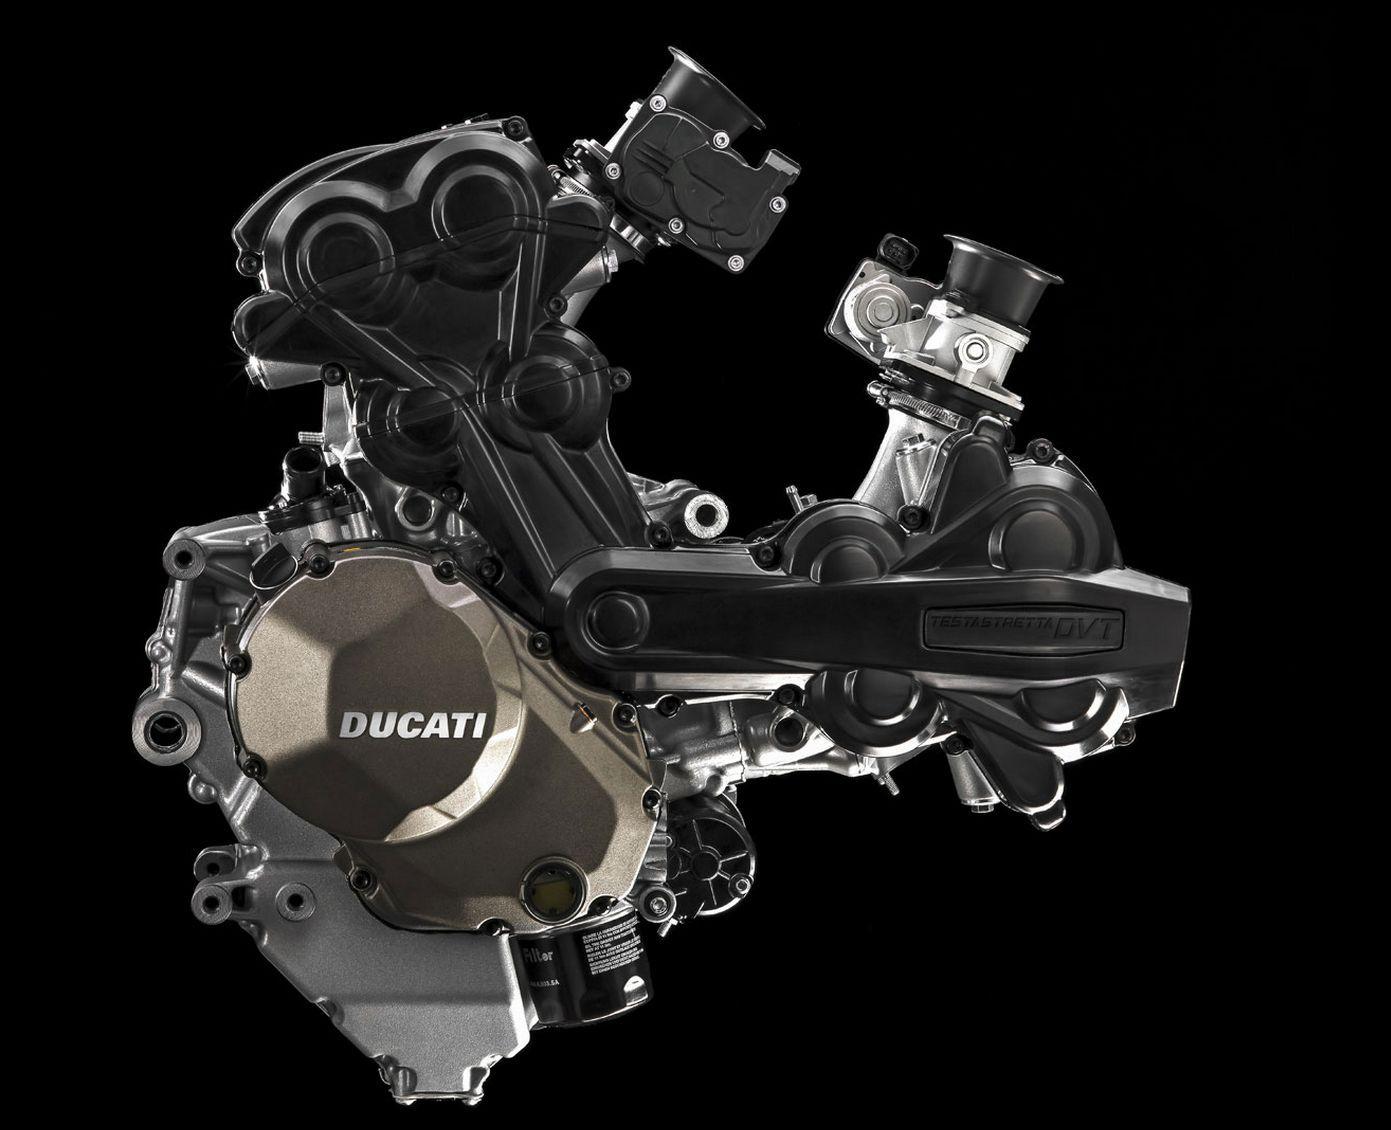 2015 Ducati Multistrada 1200 S | Multistrada 1200 S - Motor